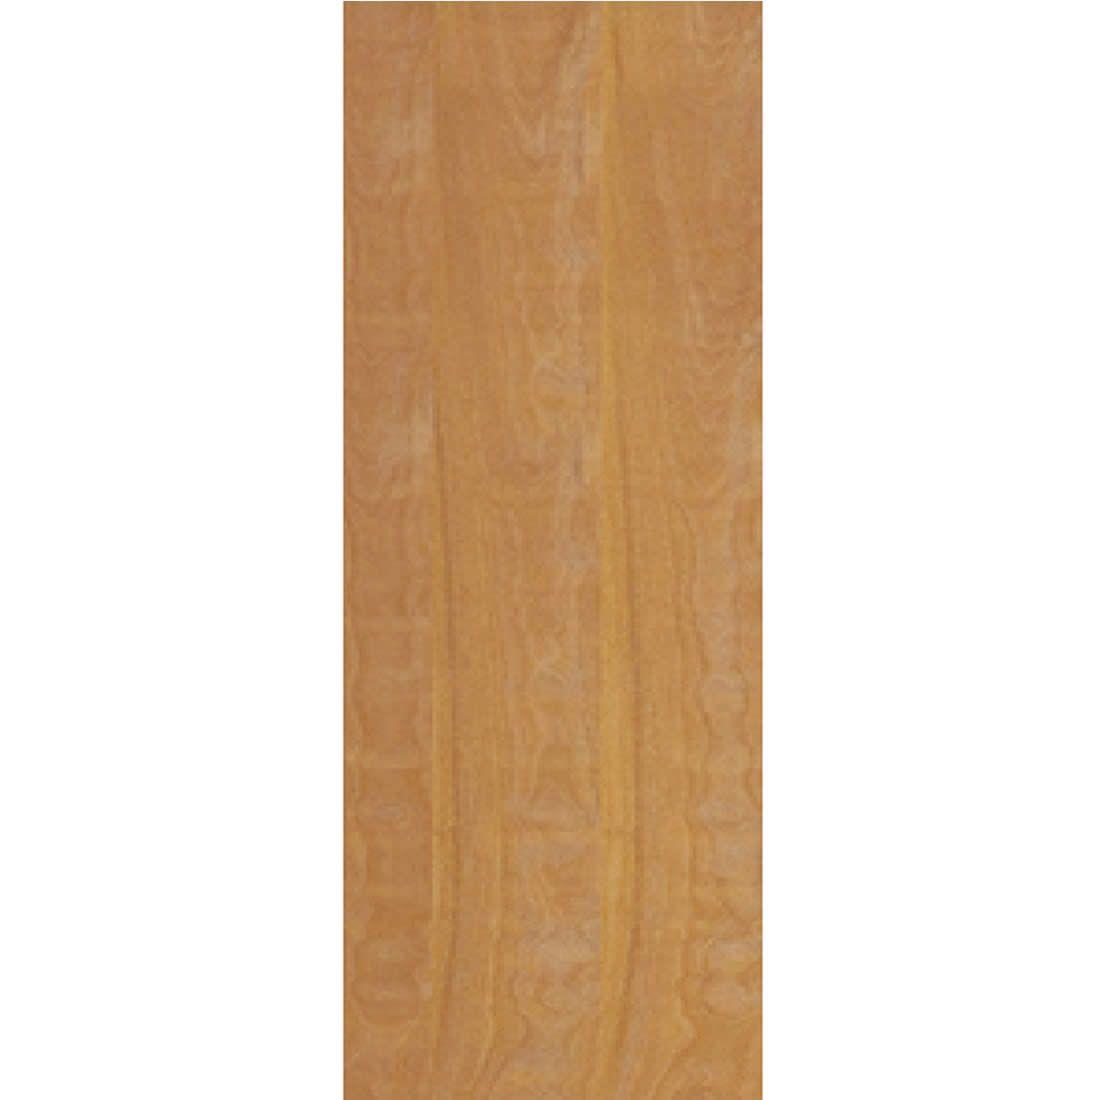 Porta 2,10 x 0,70m em Madeira Curupixa Semi Sólida Modelo Lisa Sem Frisa JB Paes